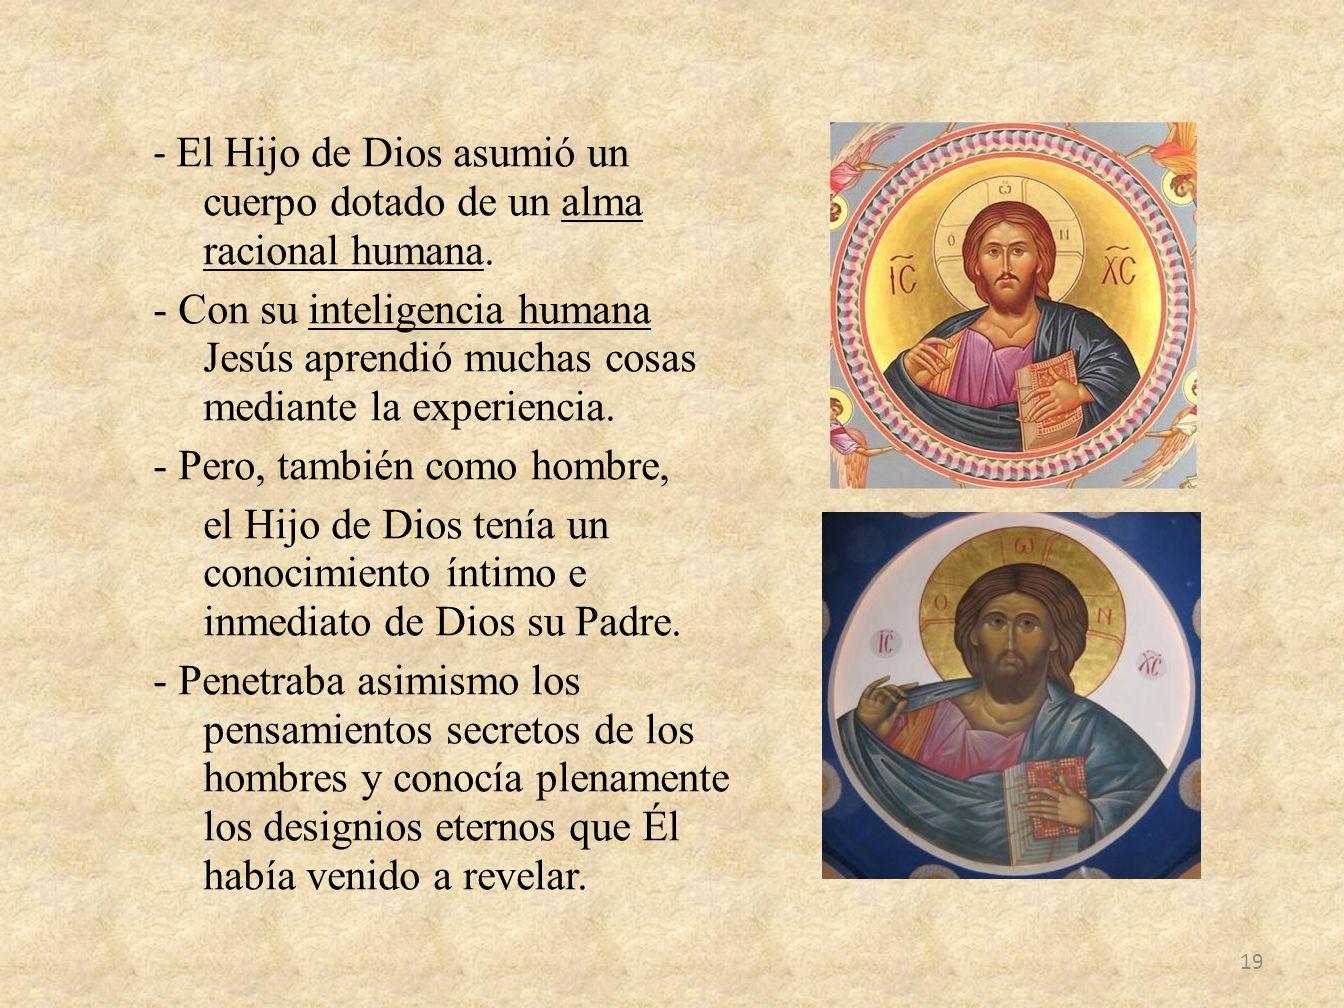 - El Hijo de Dios asumió un cuerpo dotado de un alma racional humana